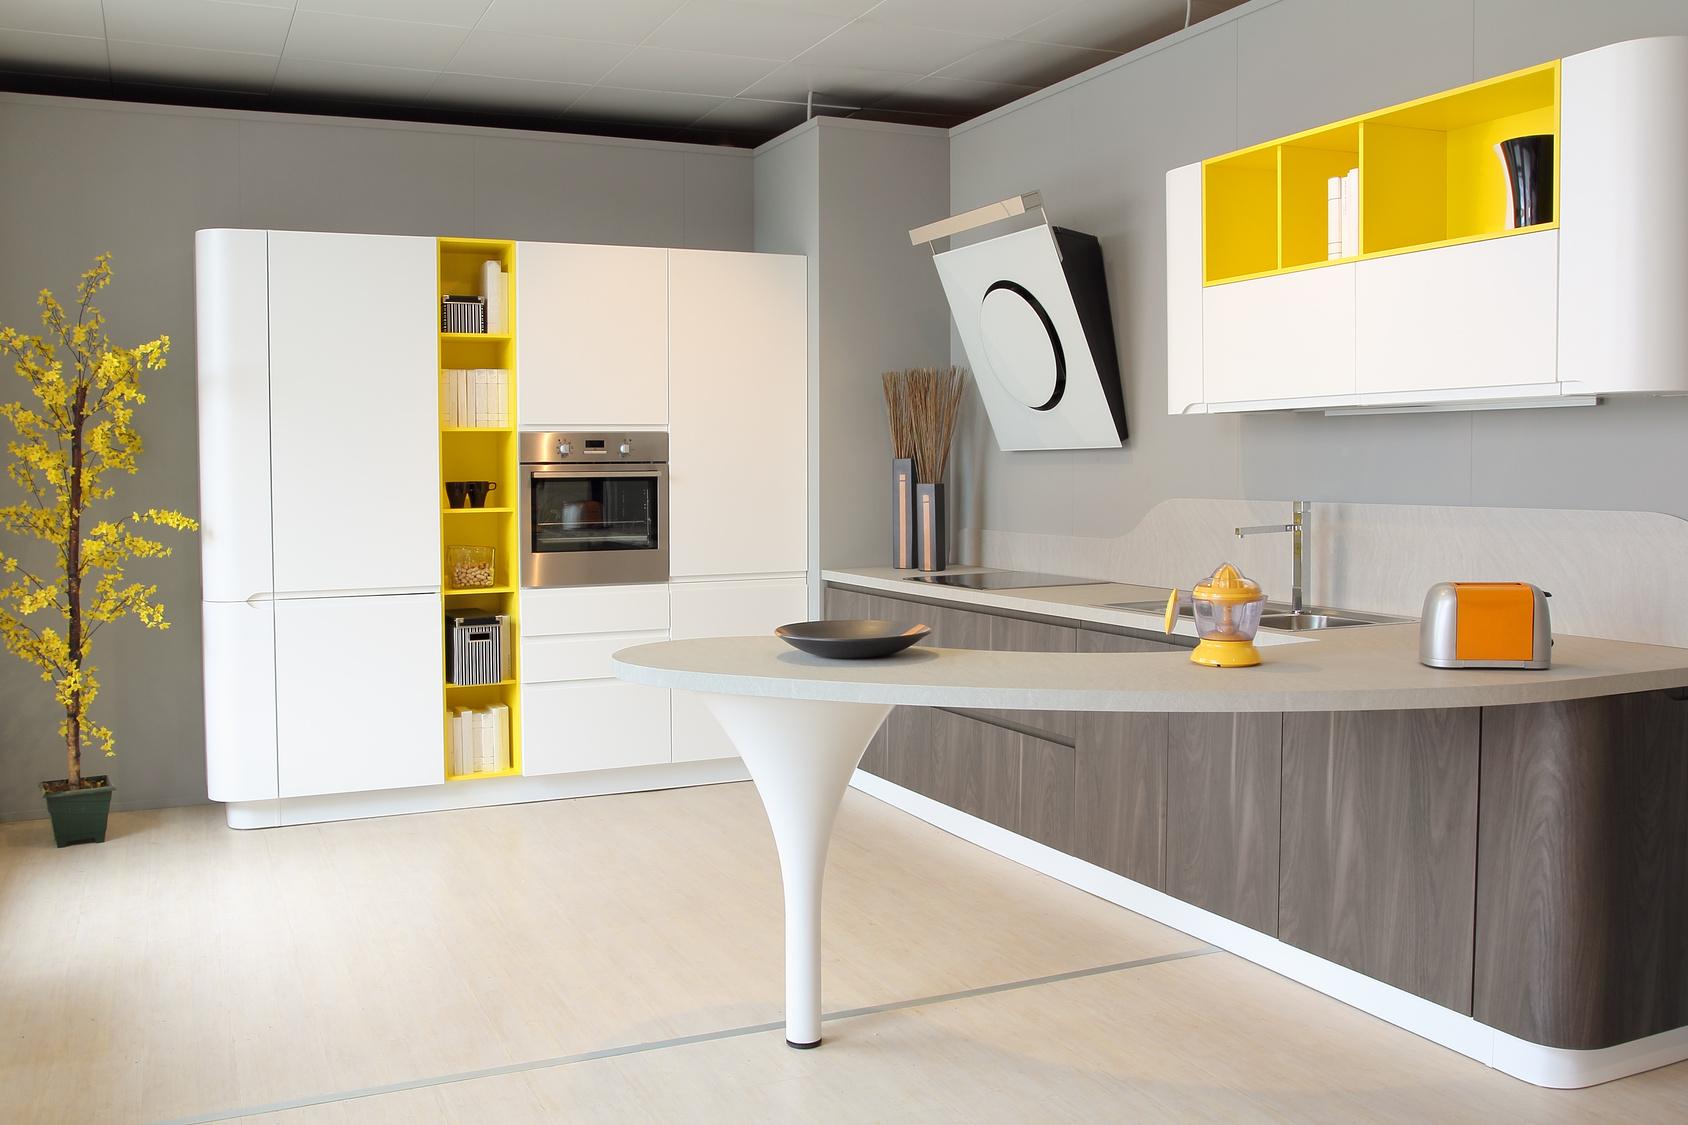 Verführerisch Bilder Küche Modern Ideen Von Inspirierende Beispielbilder Für Eine G-form Küche